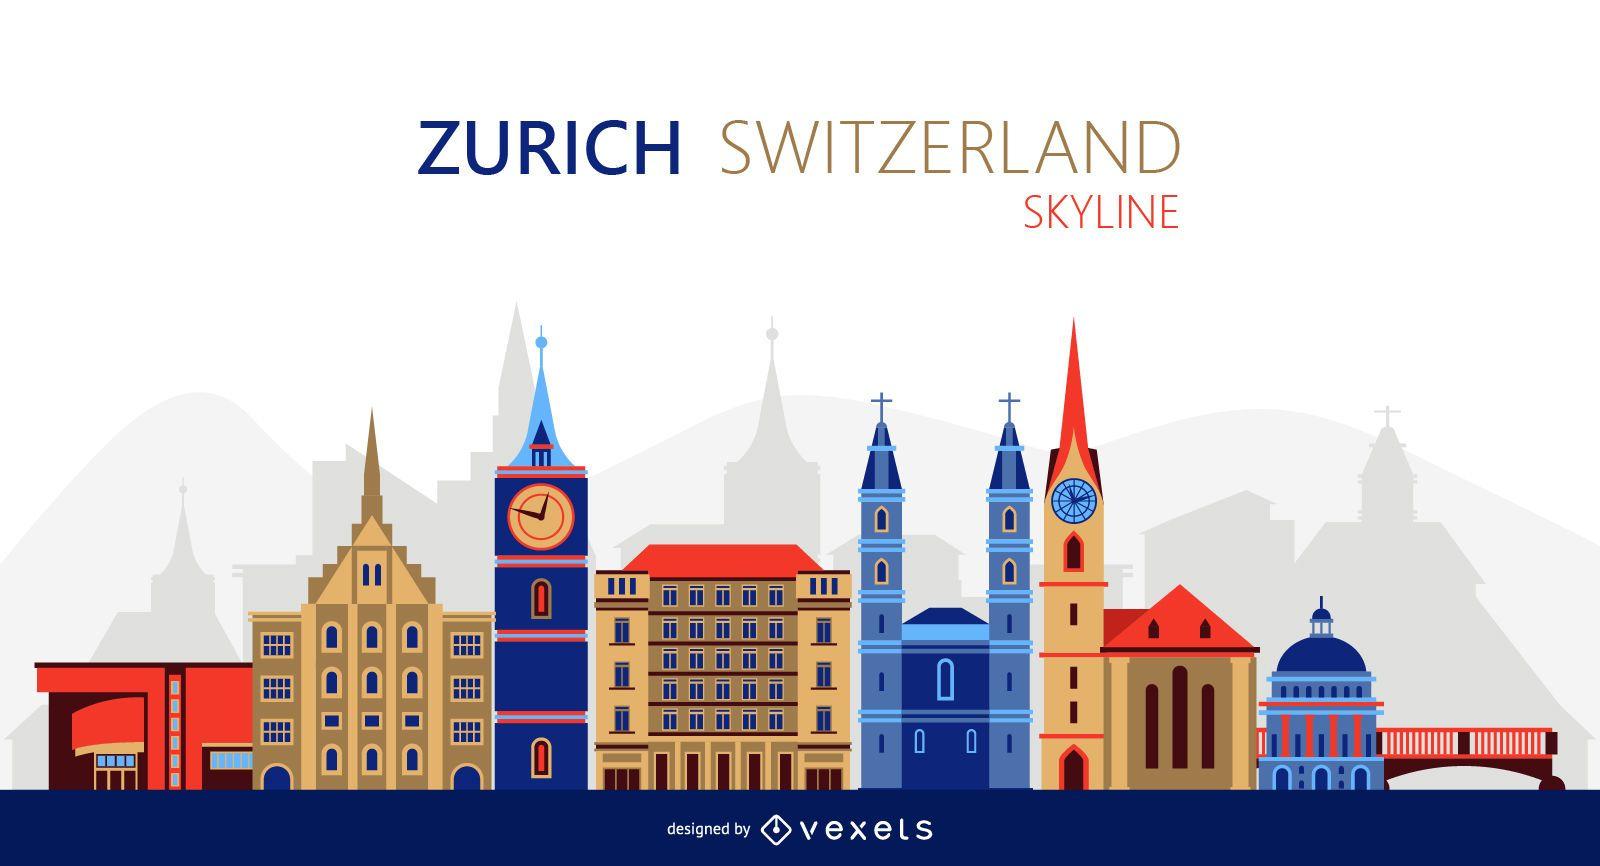 Zurich skyline illustration